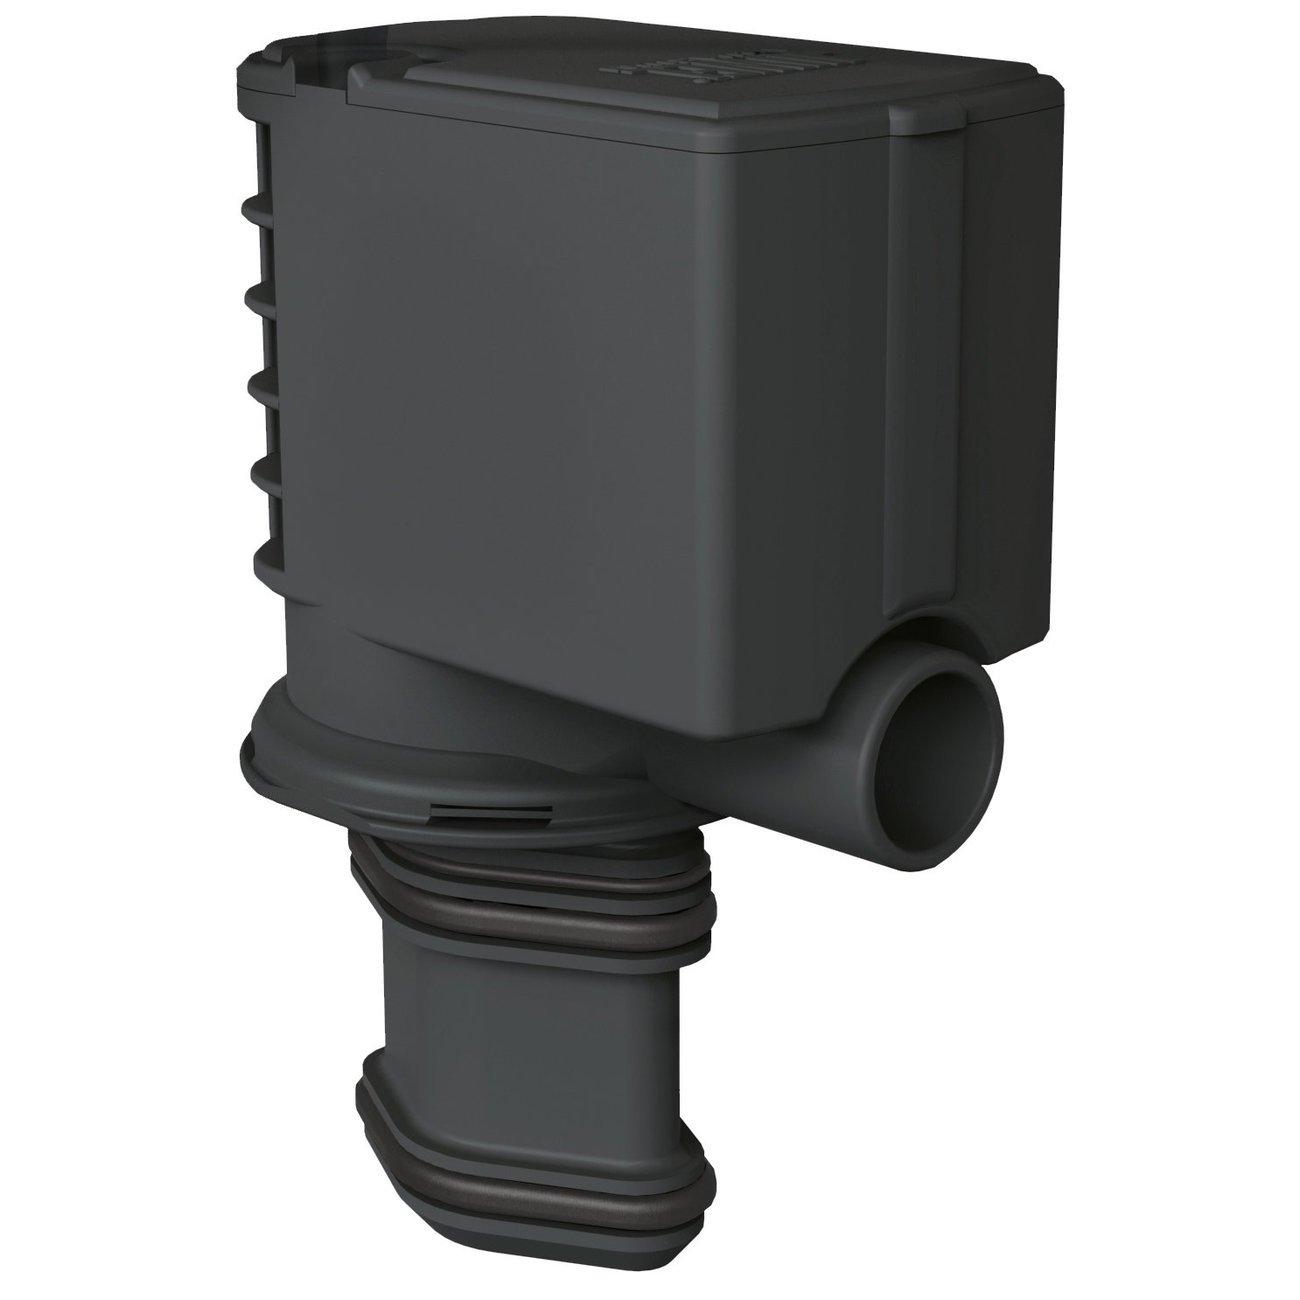 Juwel Eccoflow Pumpe, Bild 6